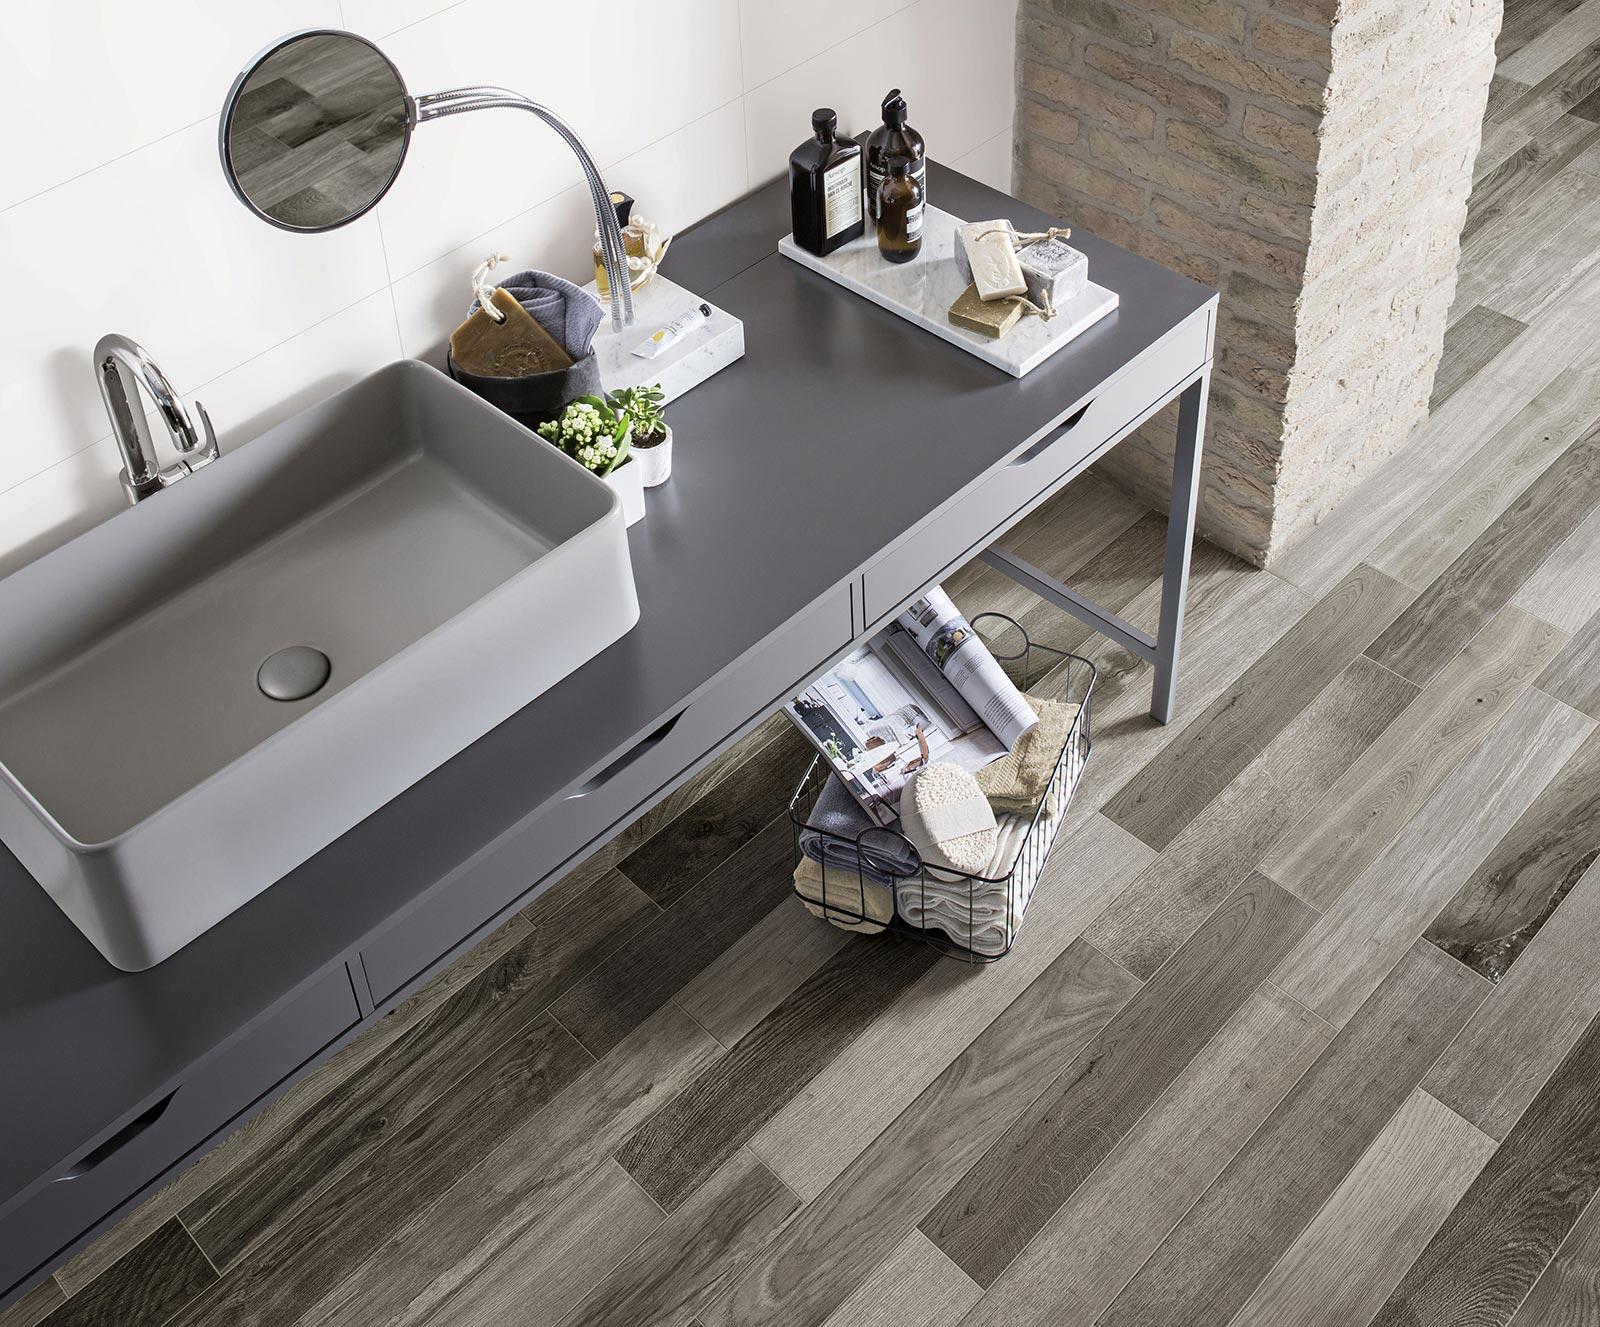 Carrelage salle de bain c ramique et gr s c rame marazzi for Carrelage salle de bain gris et mauve